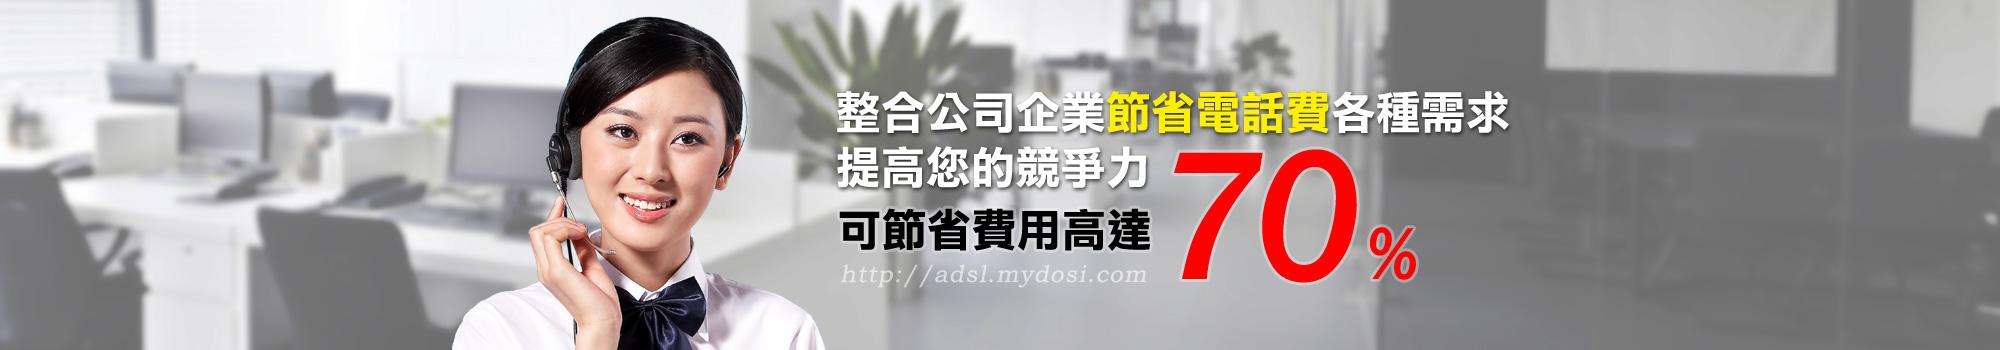 Mydosi企業服務網